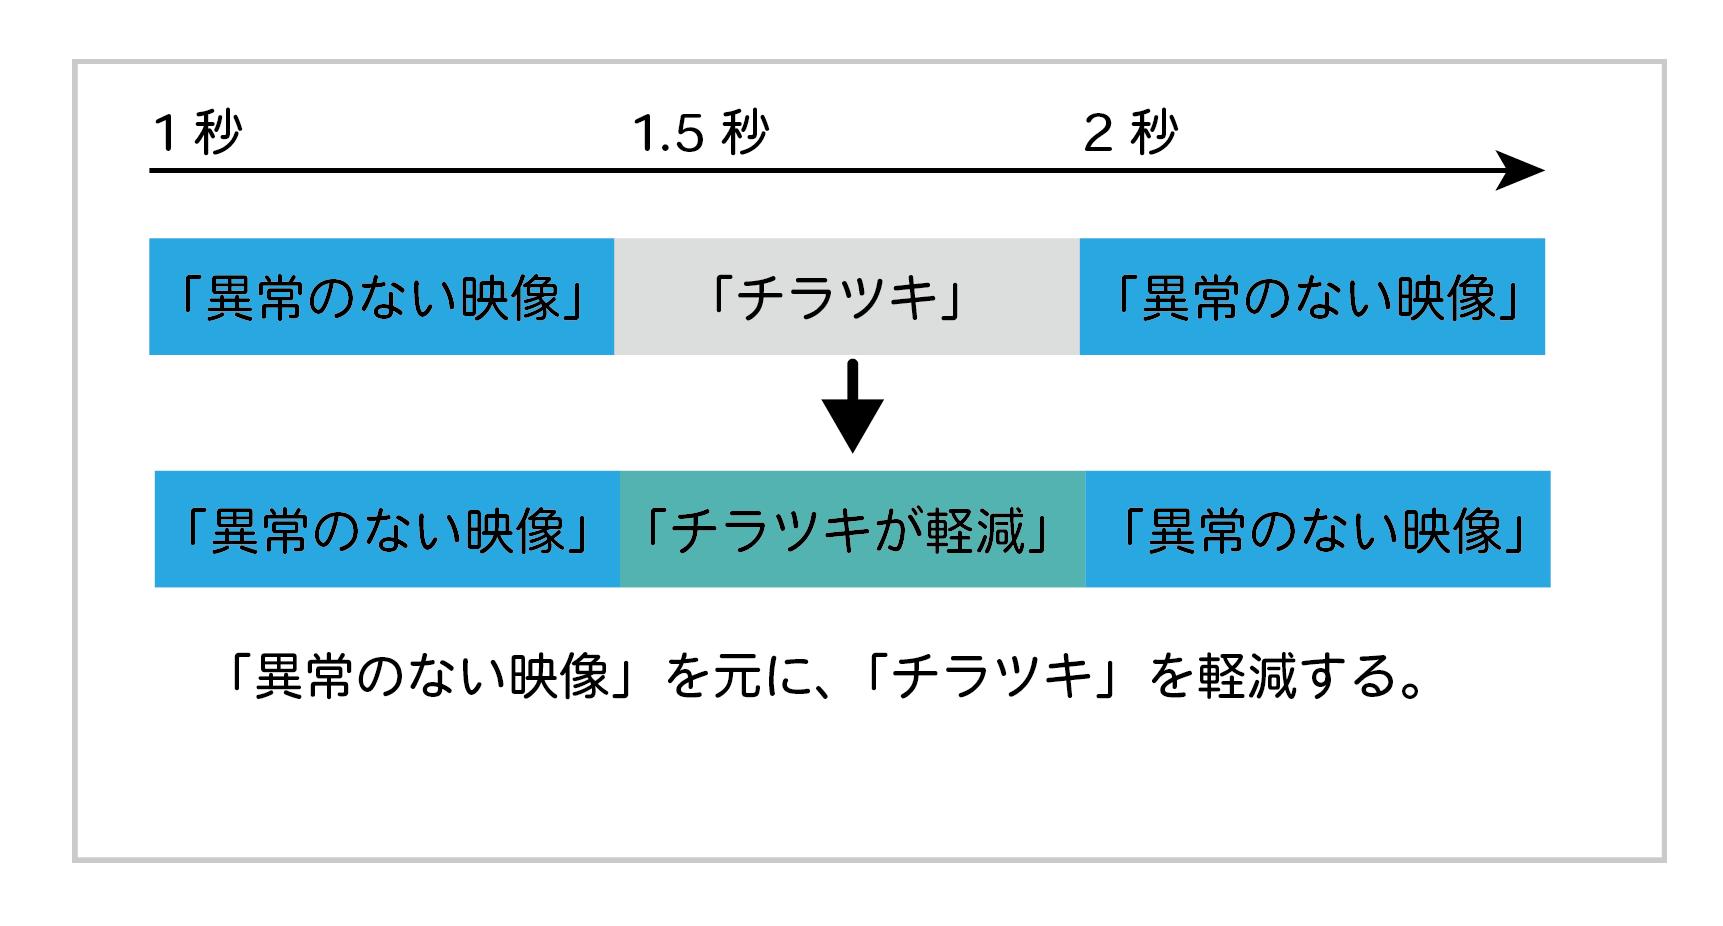 時間軸方向のスムージングの説明